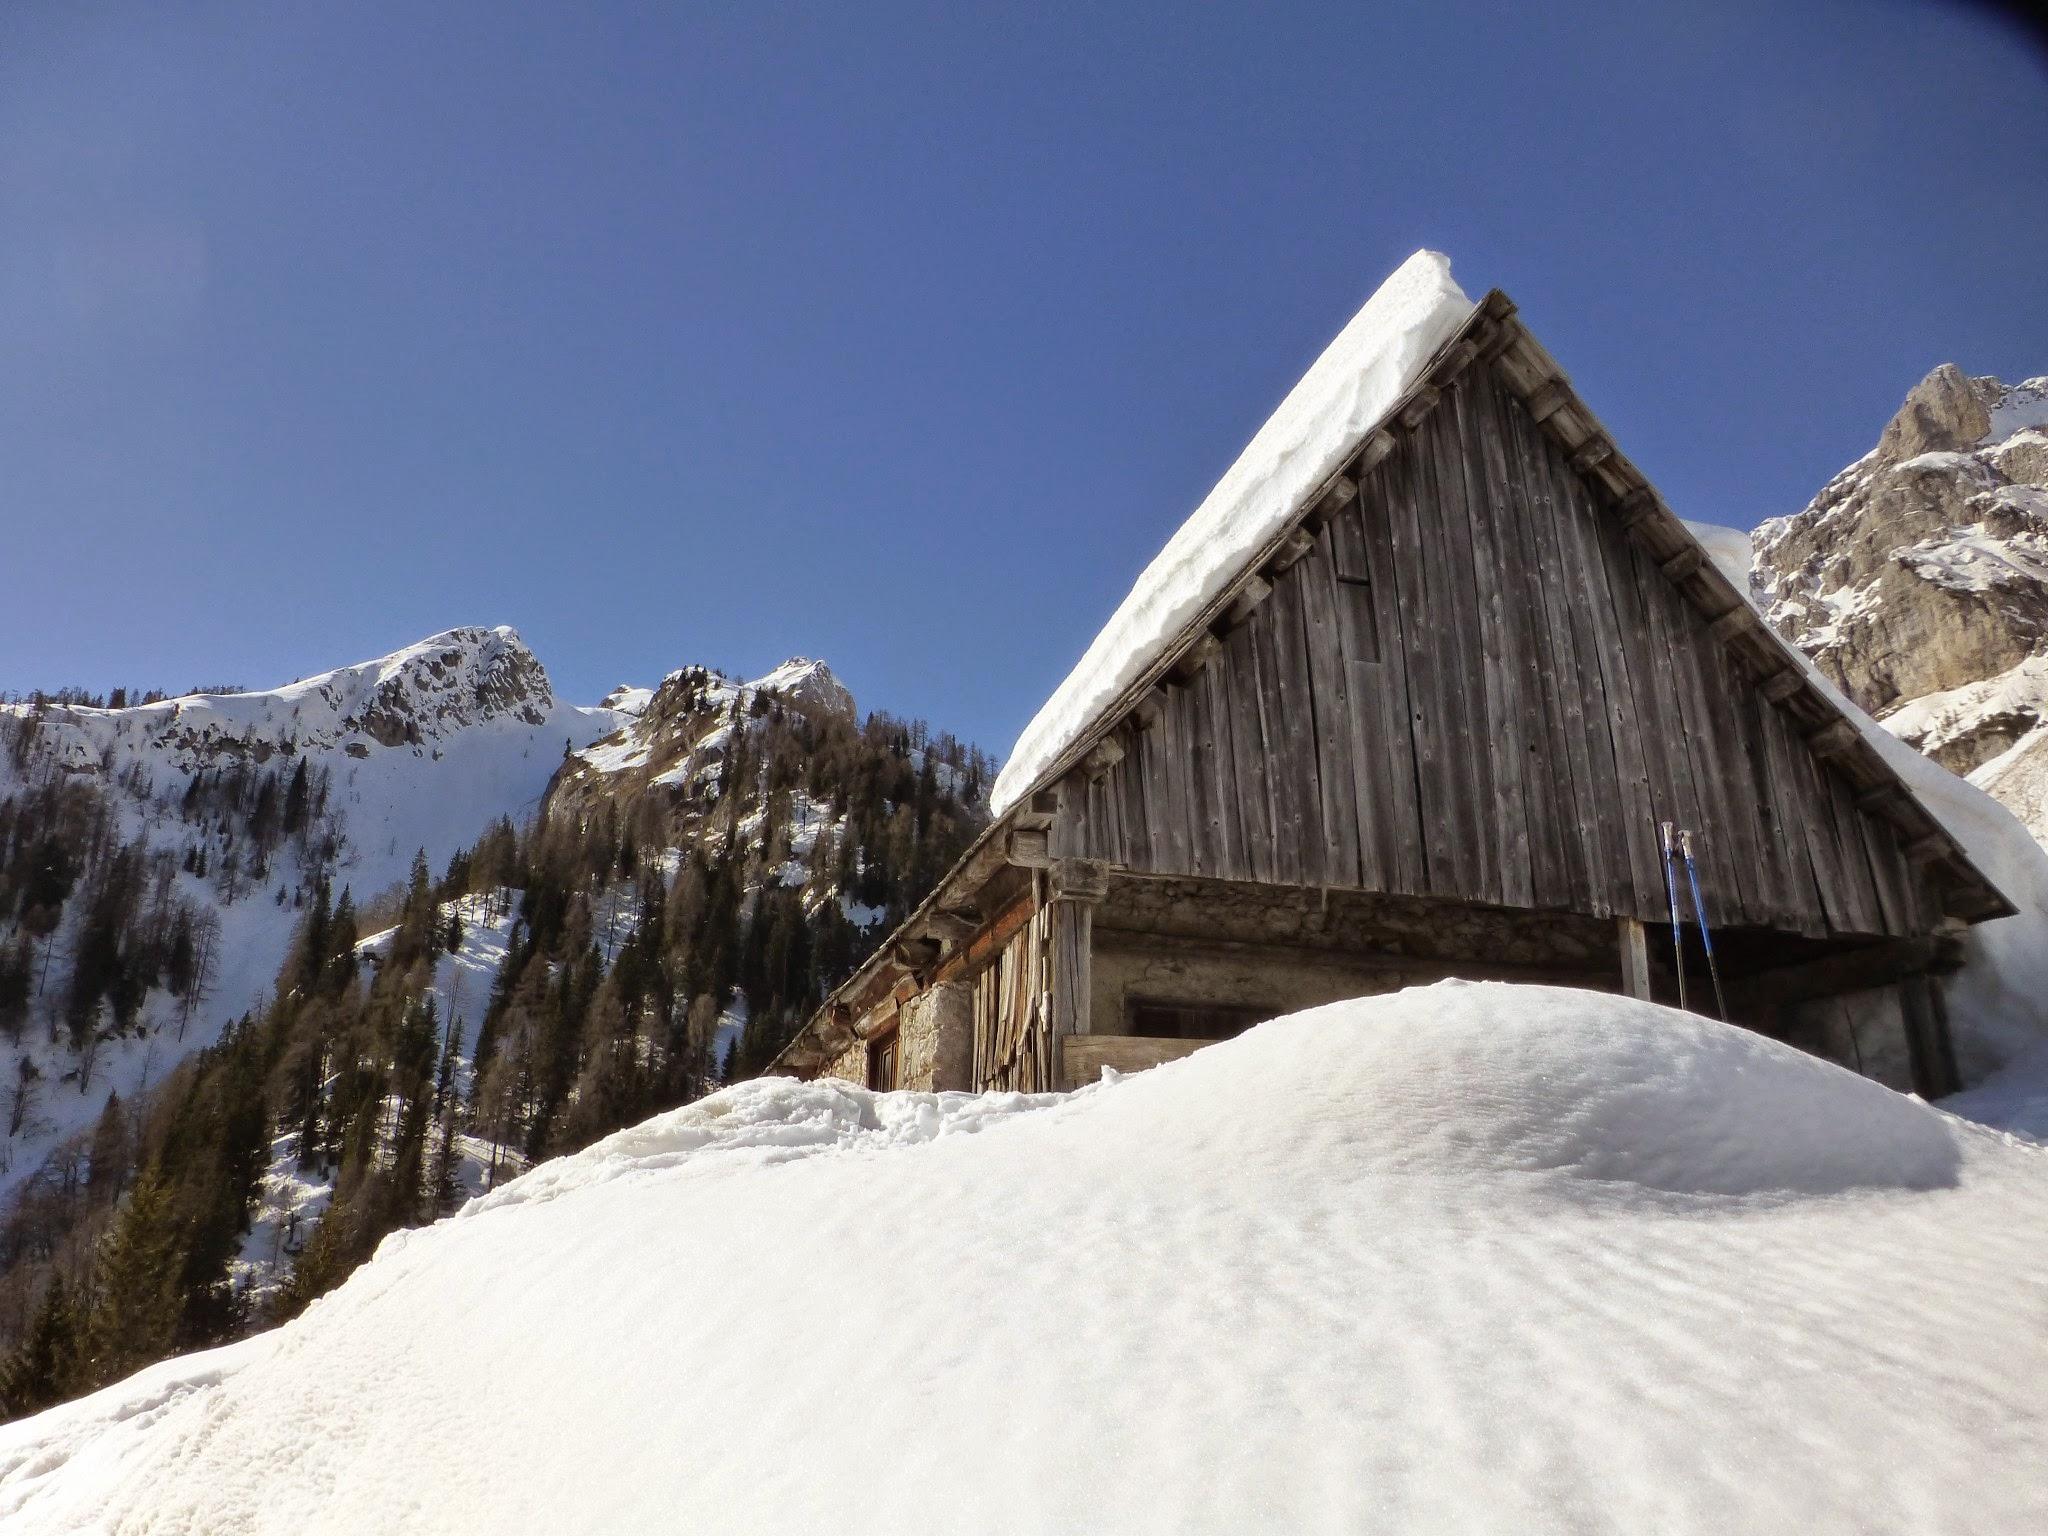 Vista della casera (foto di Luca Driutti)